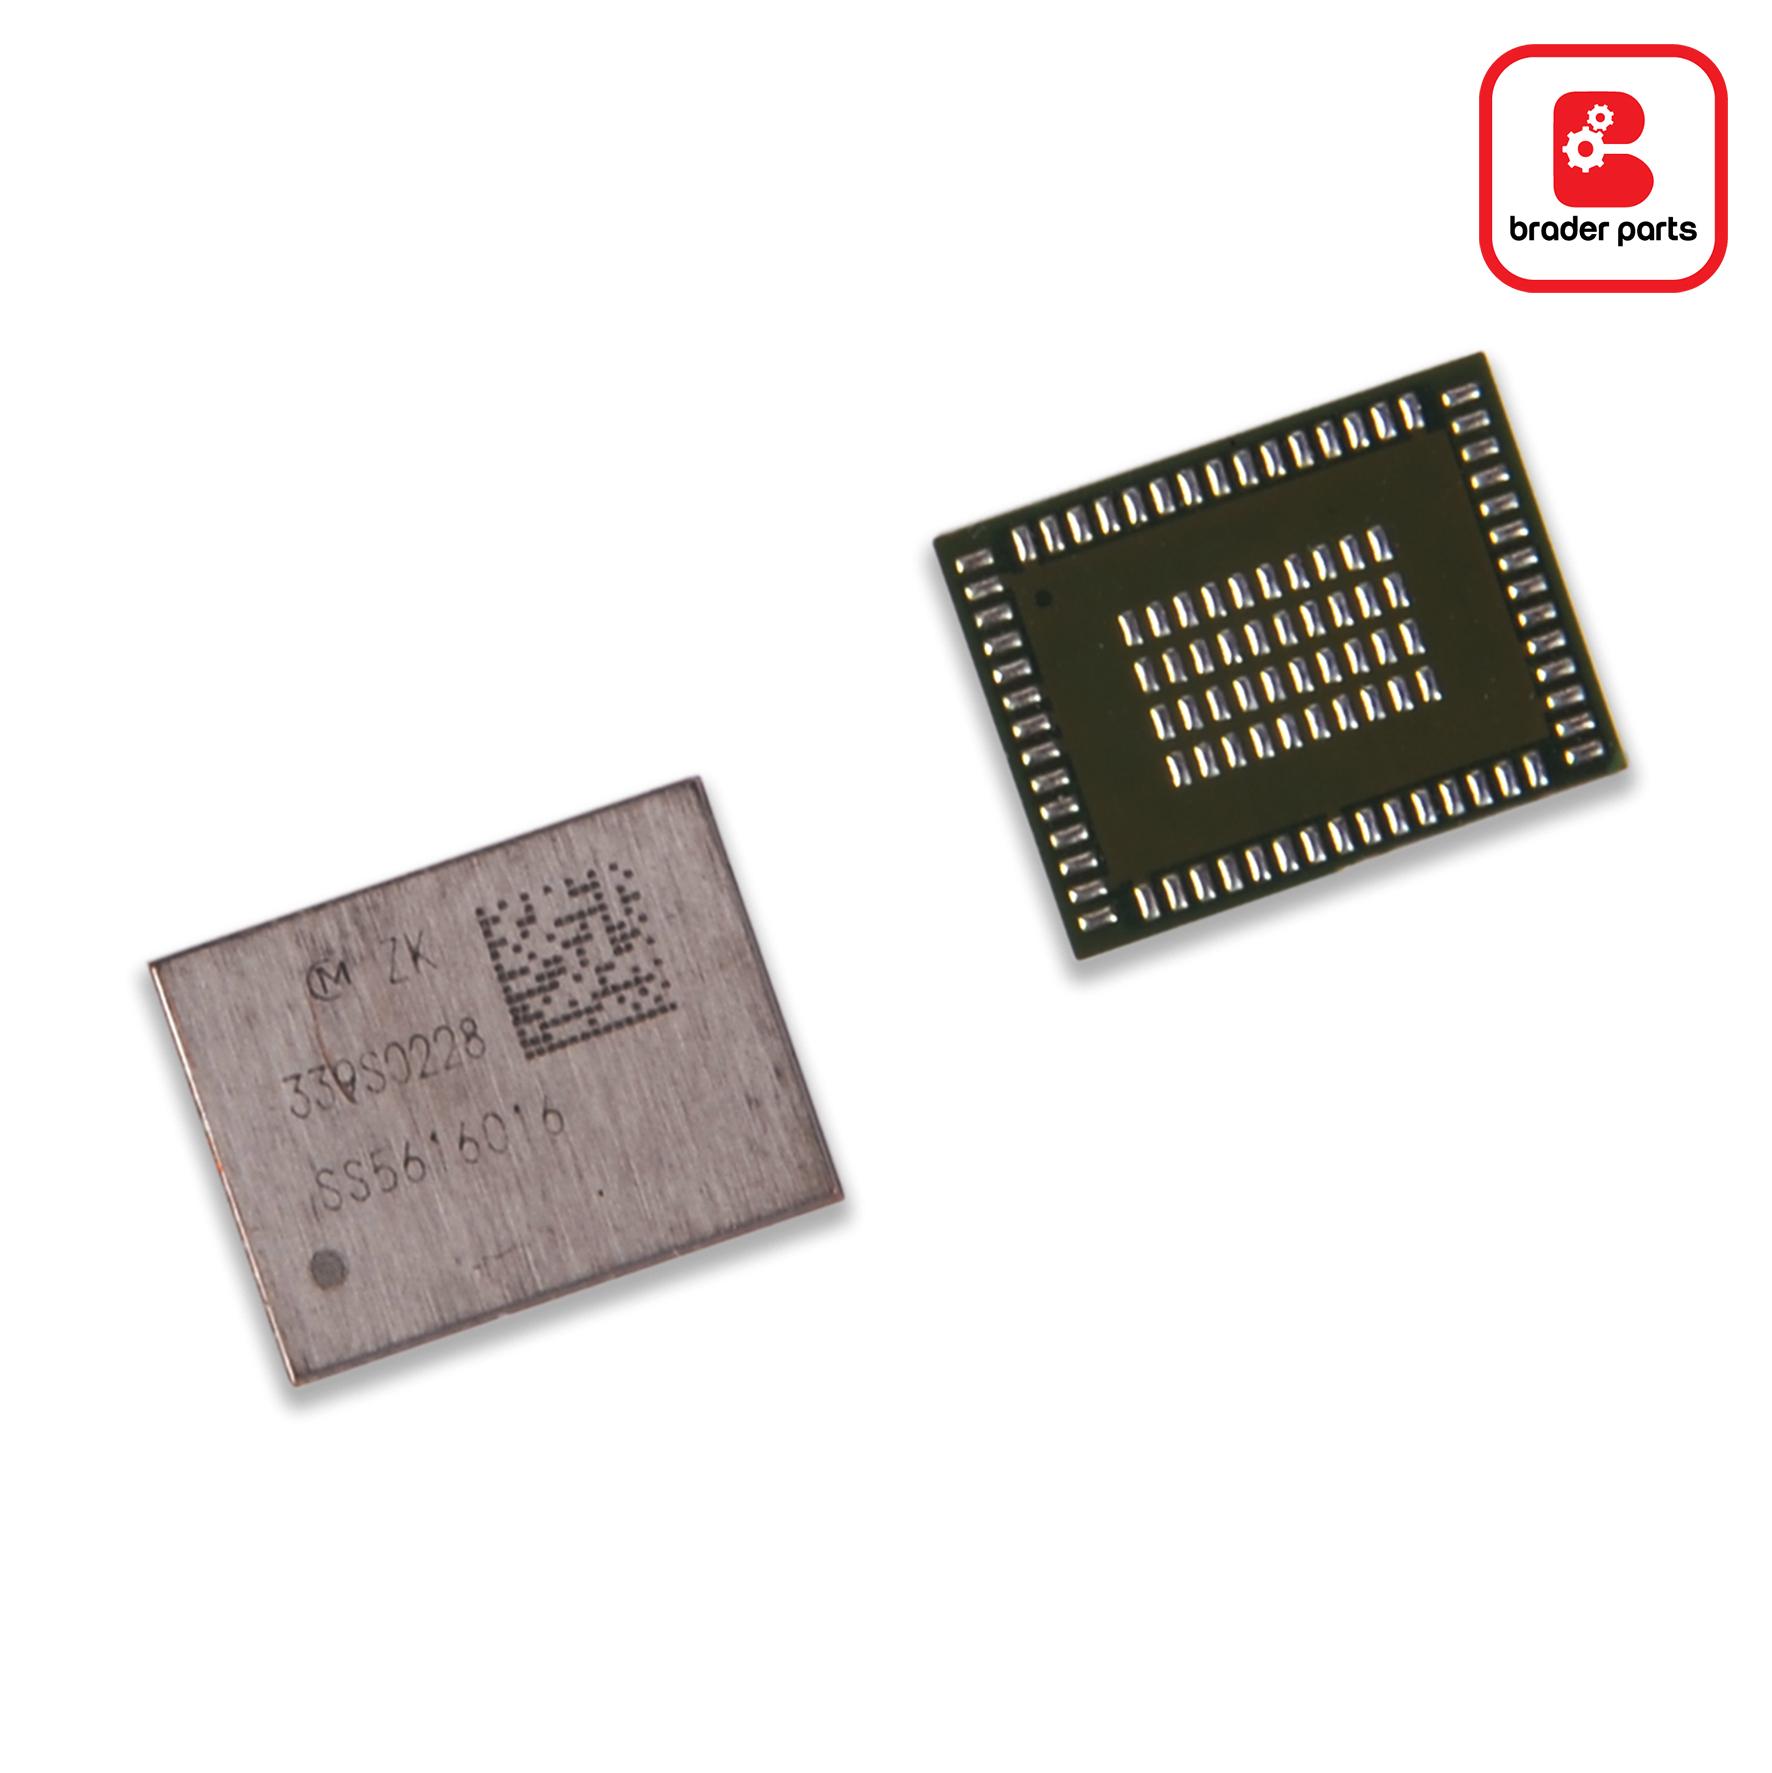 Ic Wifi iPhone 6/6 Plus 339S0228